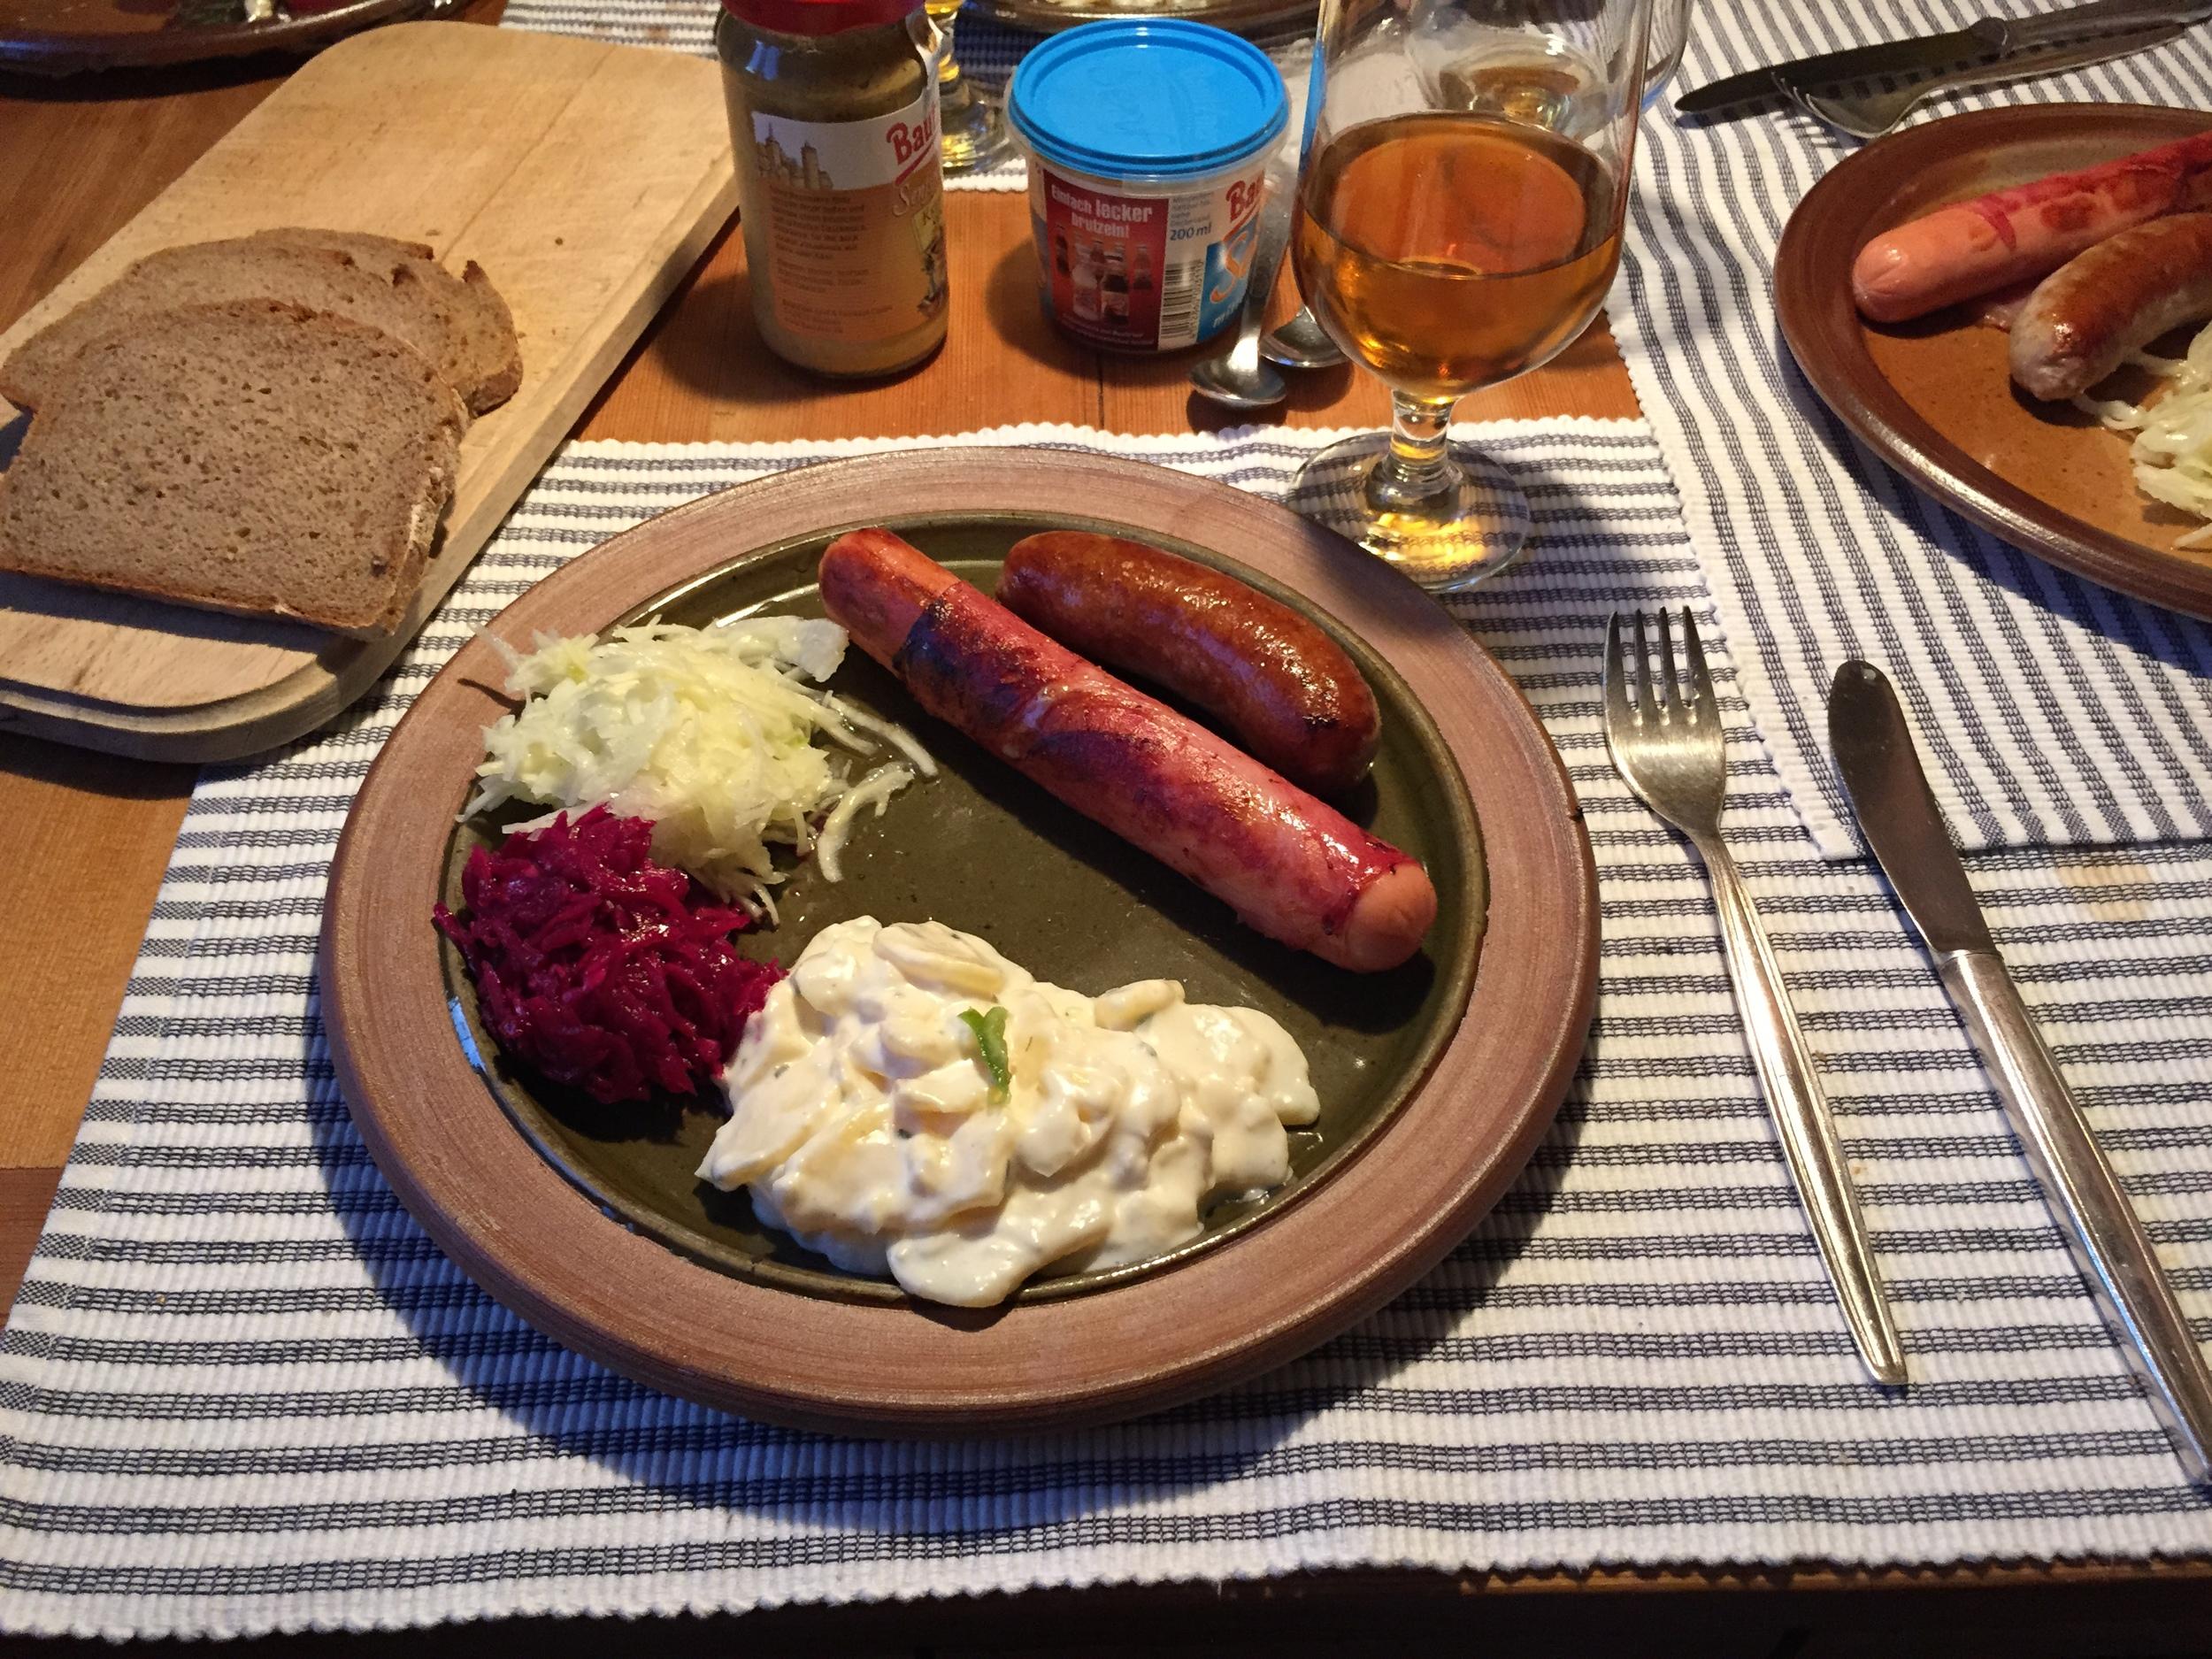 Wurst, Kartoffelsalat, Rotkohl und Sauerkraut